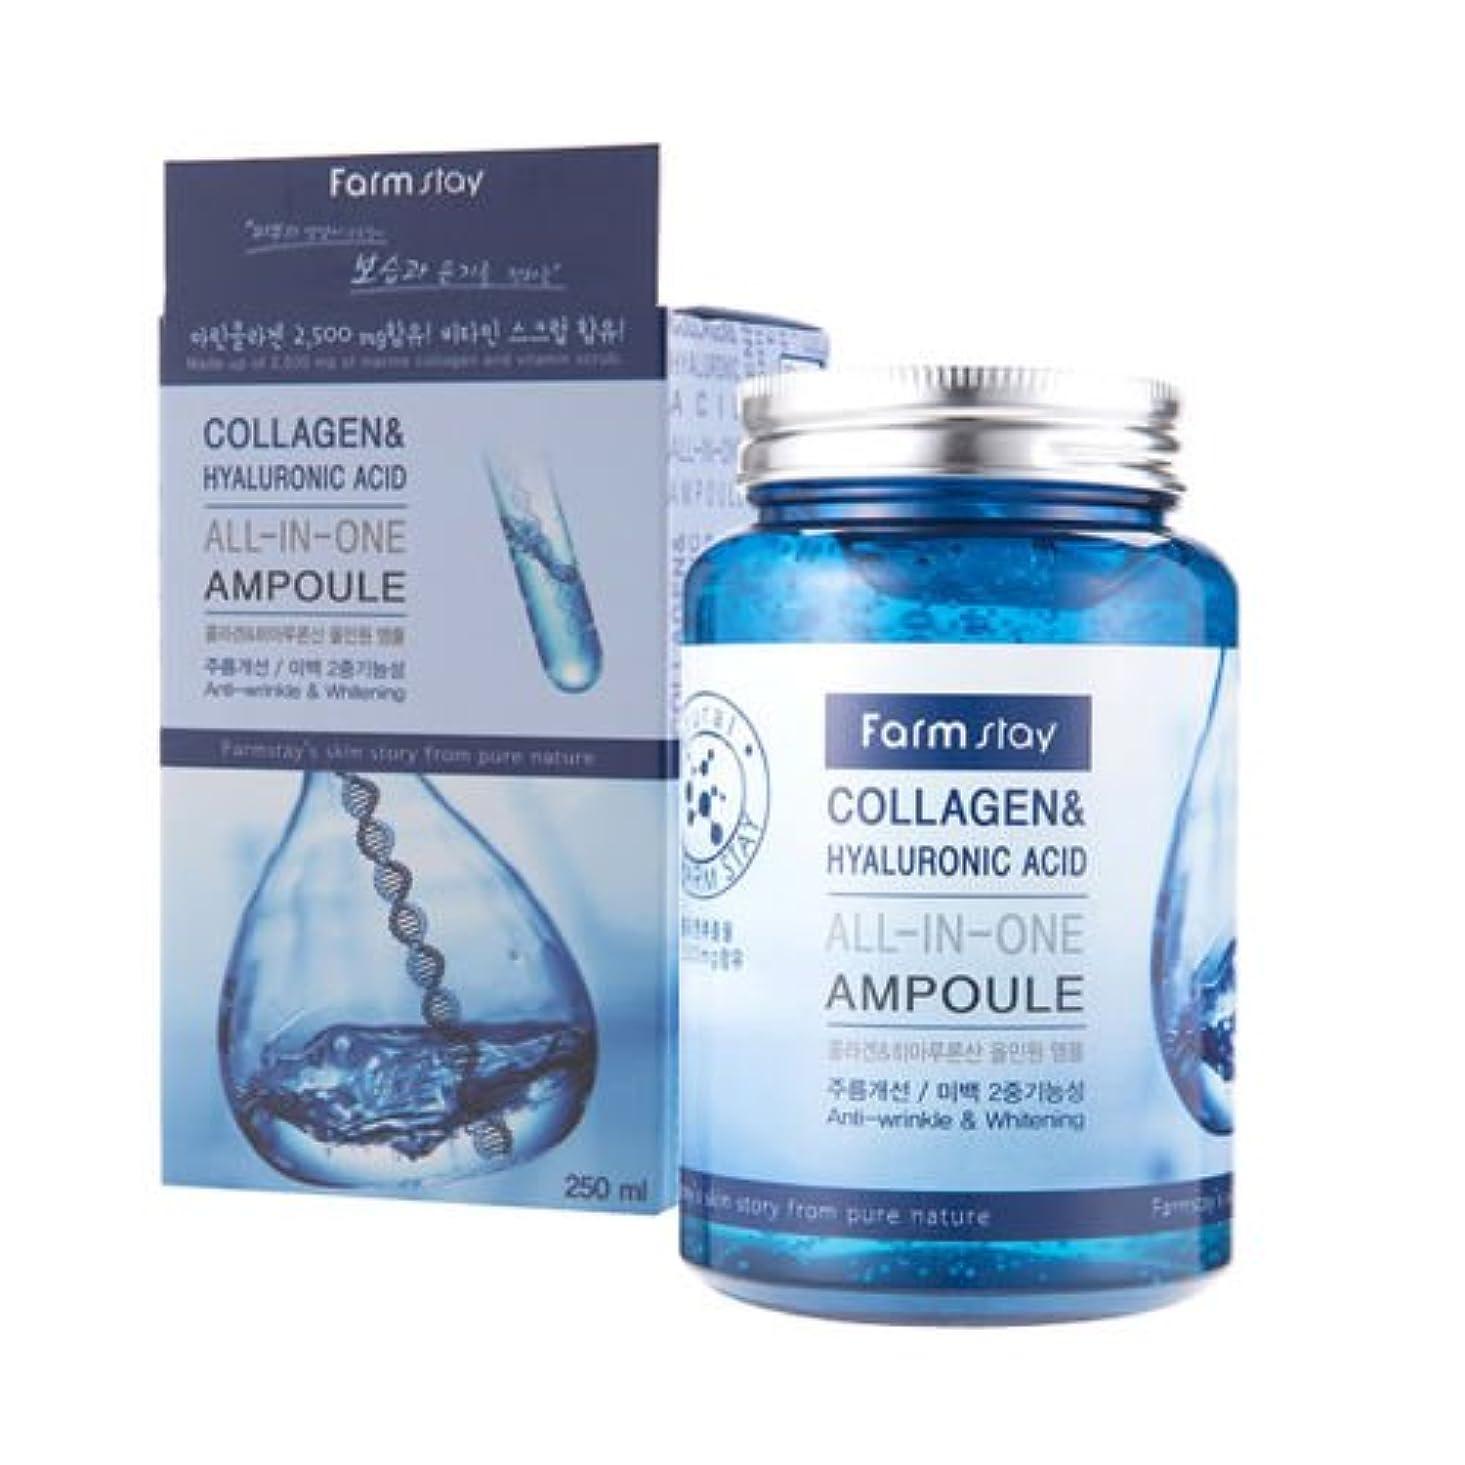 ペイント詩人推進Farm Stay Collagen & Hyaluronic Acid All In One Ampoule 250ml/Korea Cosmetic [並行輸入品]